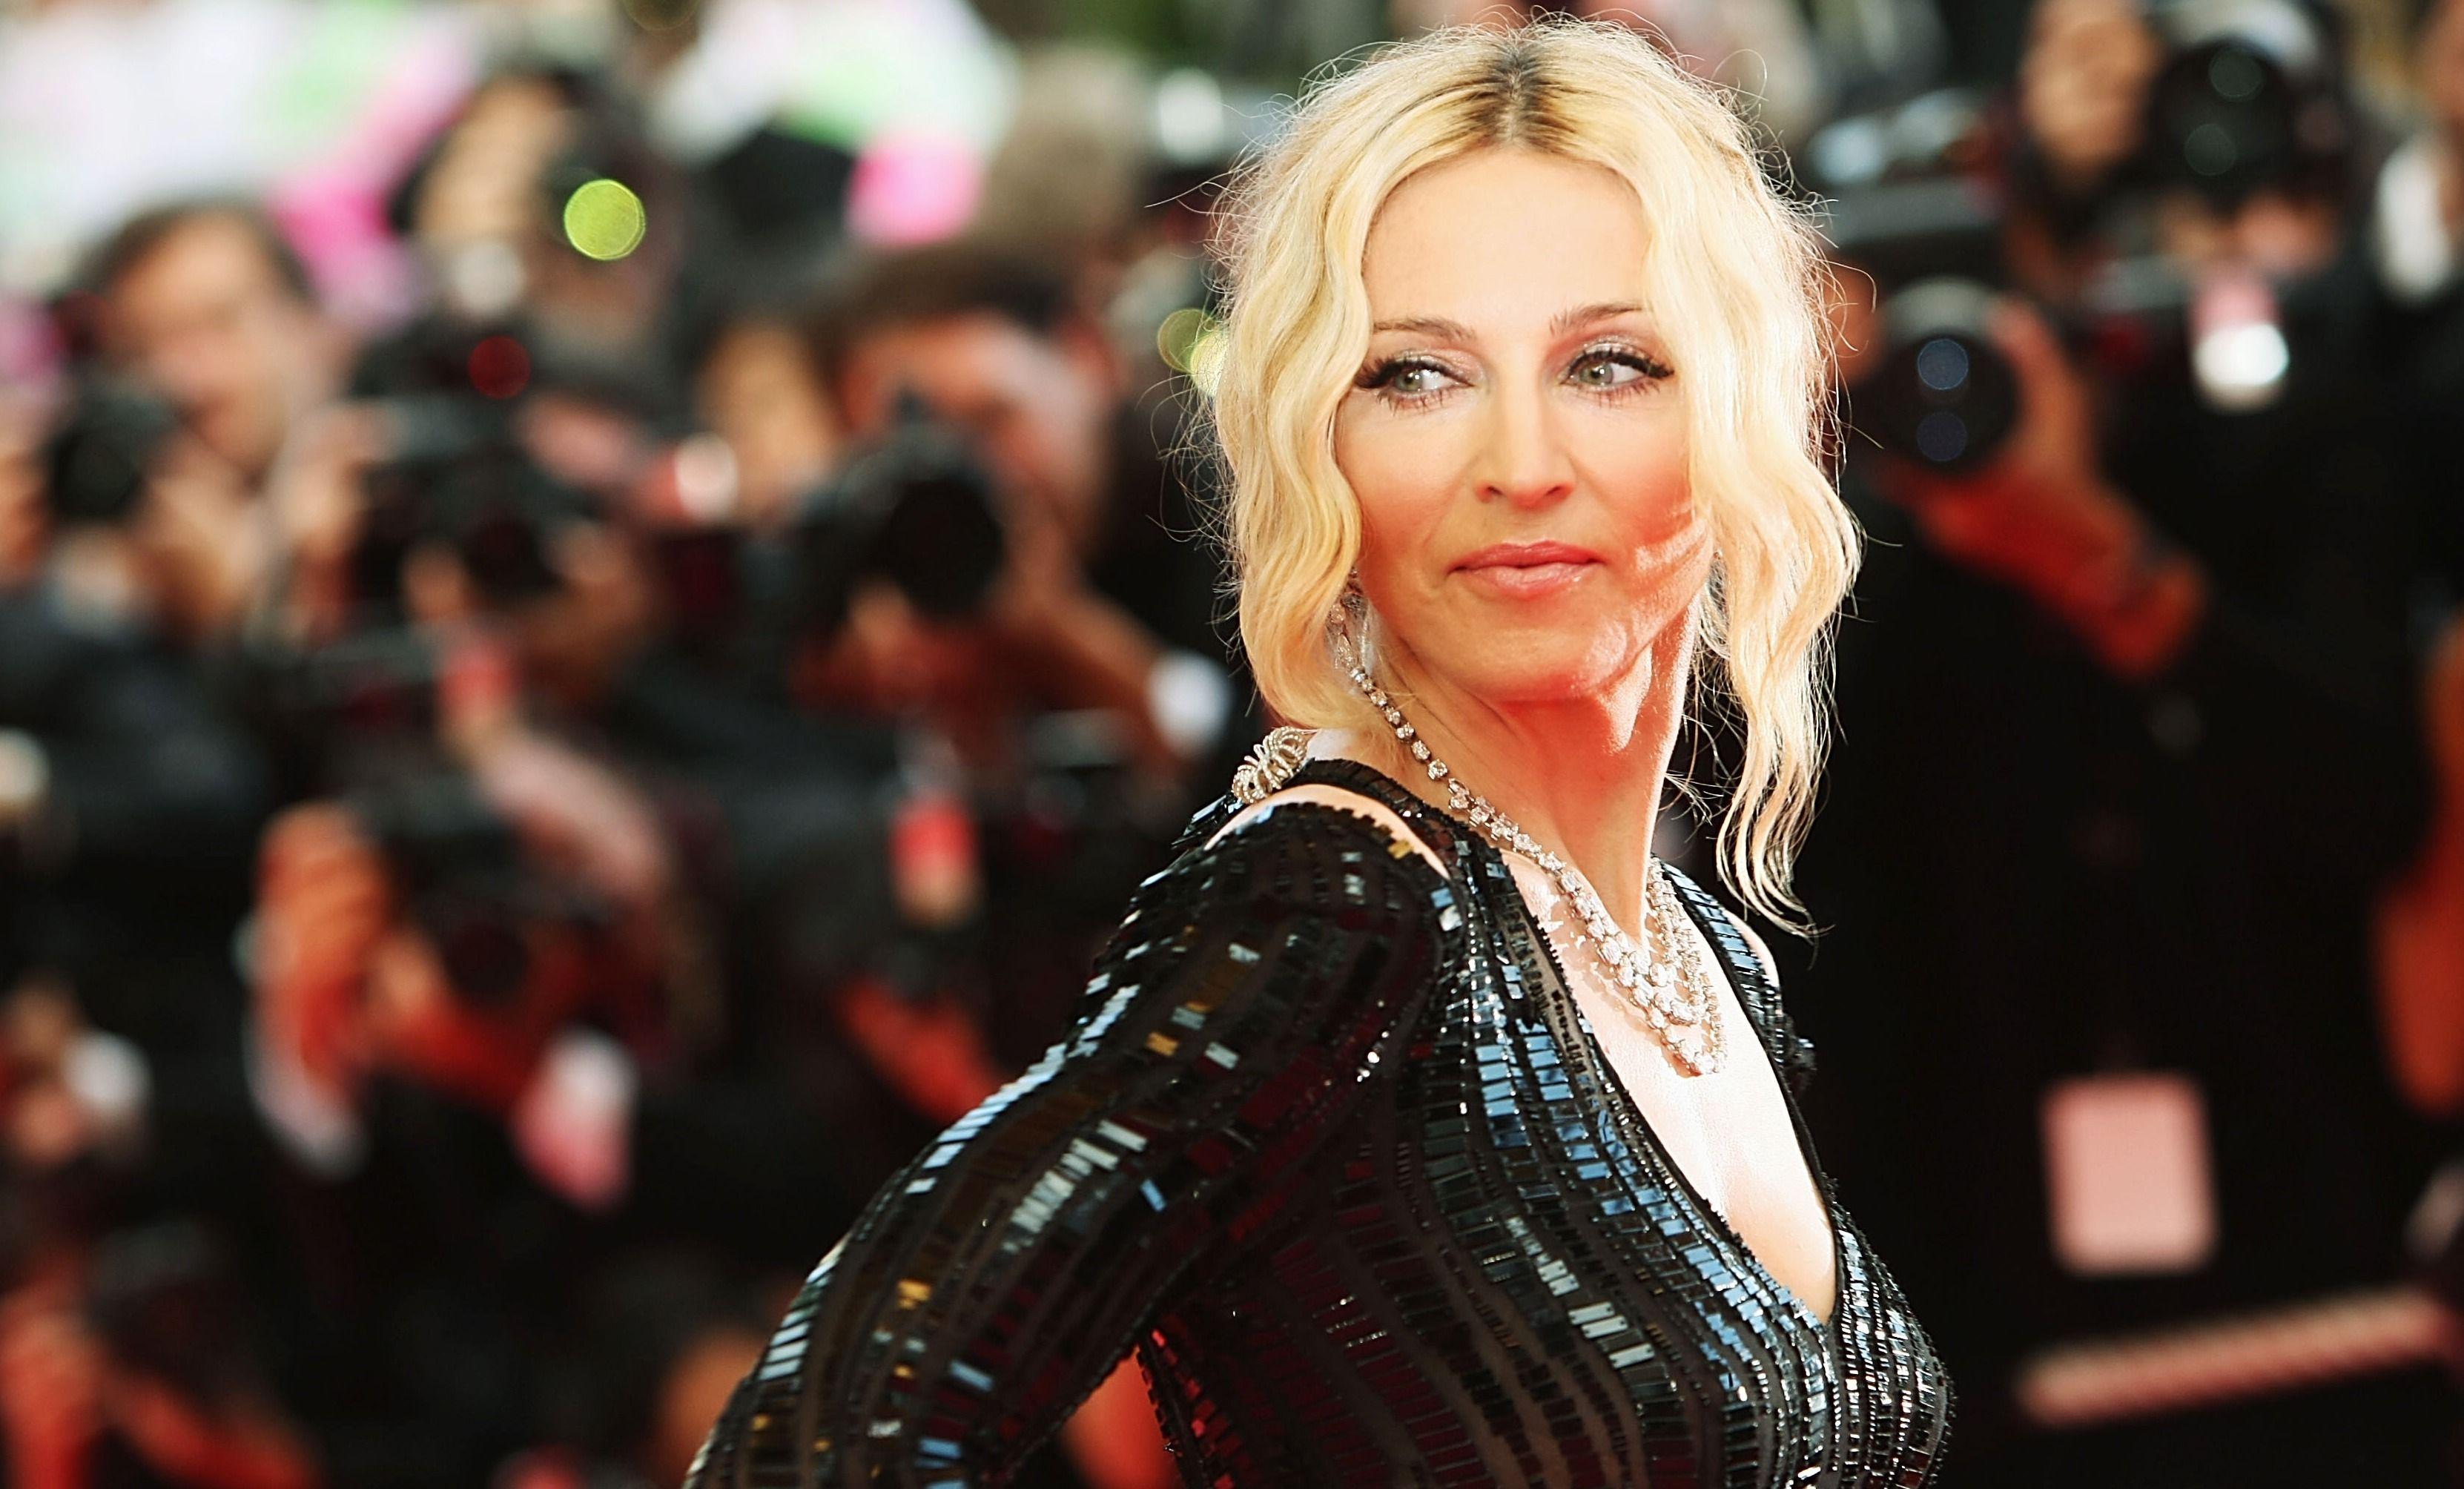 Любимые украшения певицы Мадонны